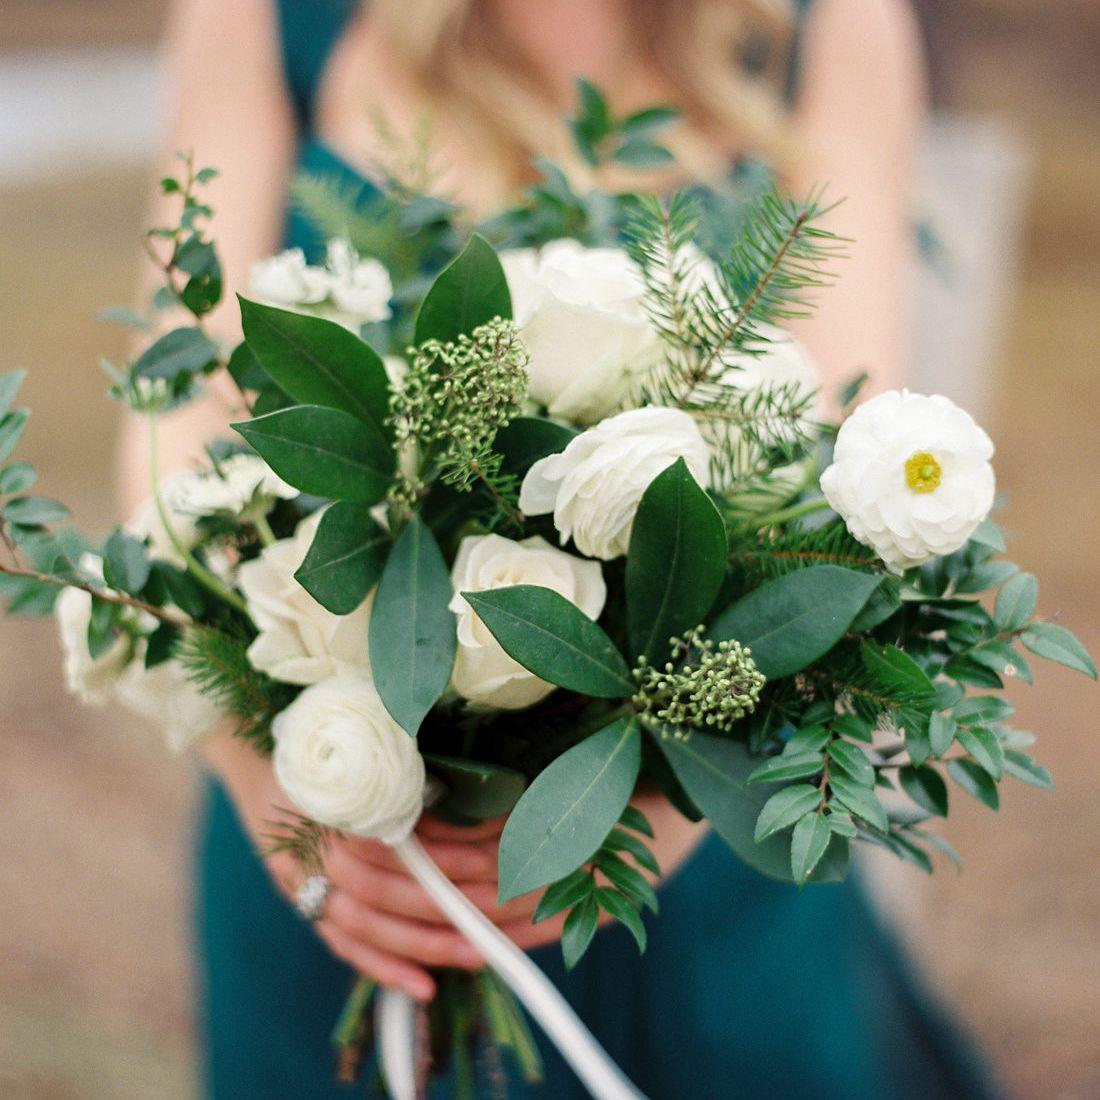 15 In Season Winter Wedding Flowers